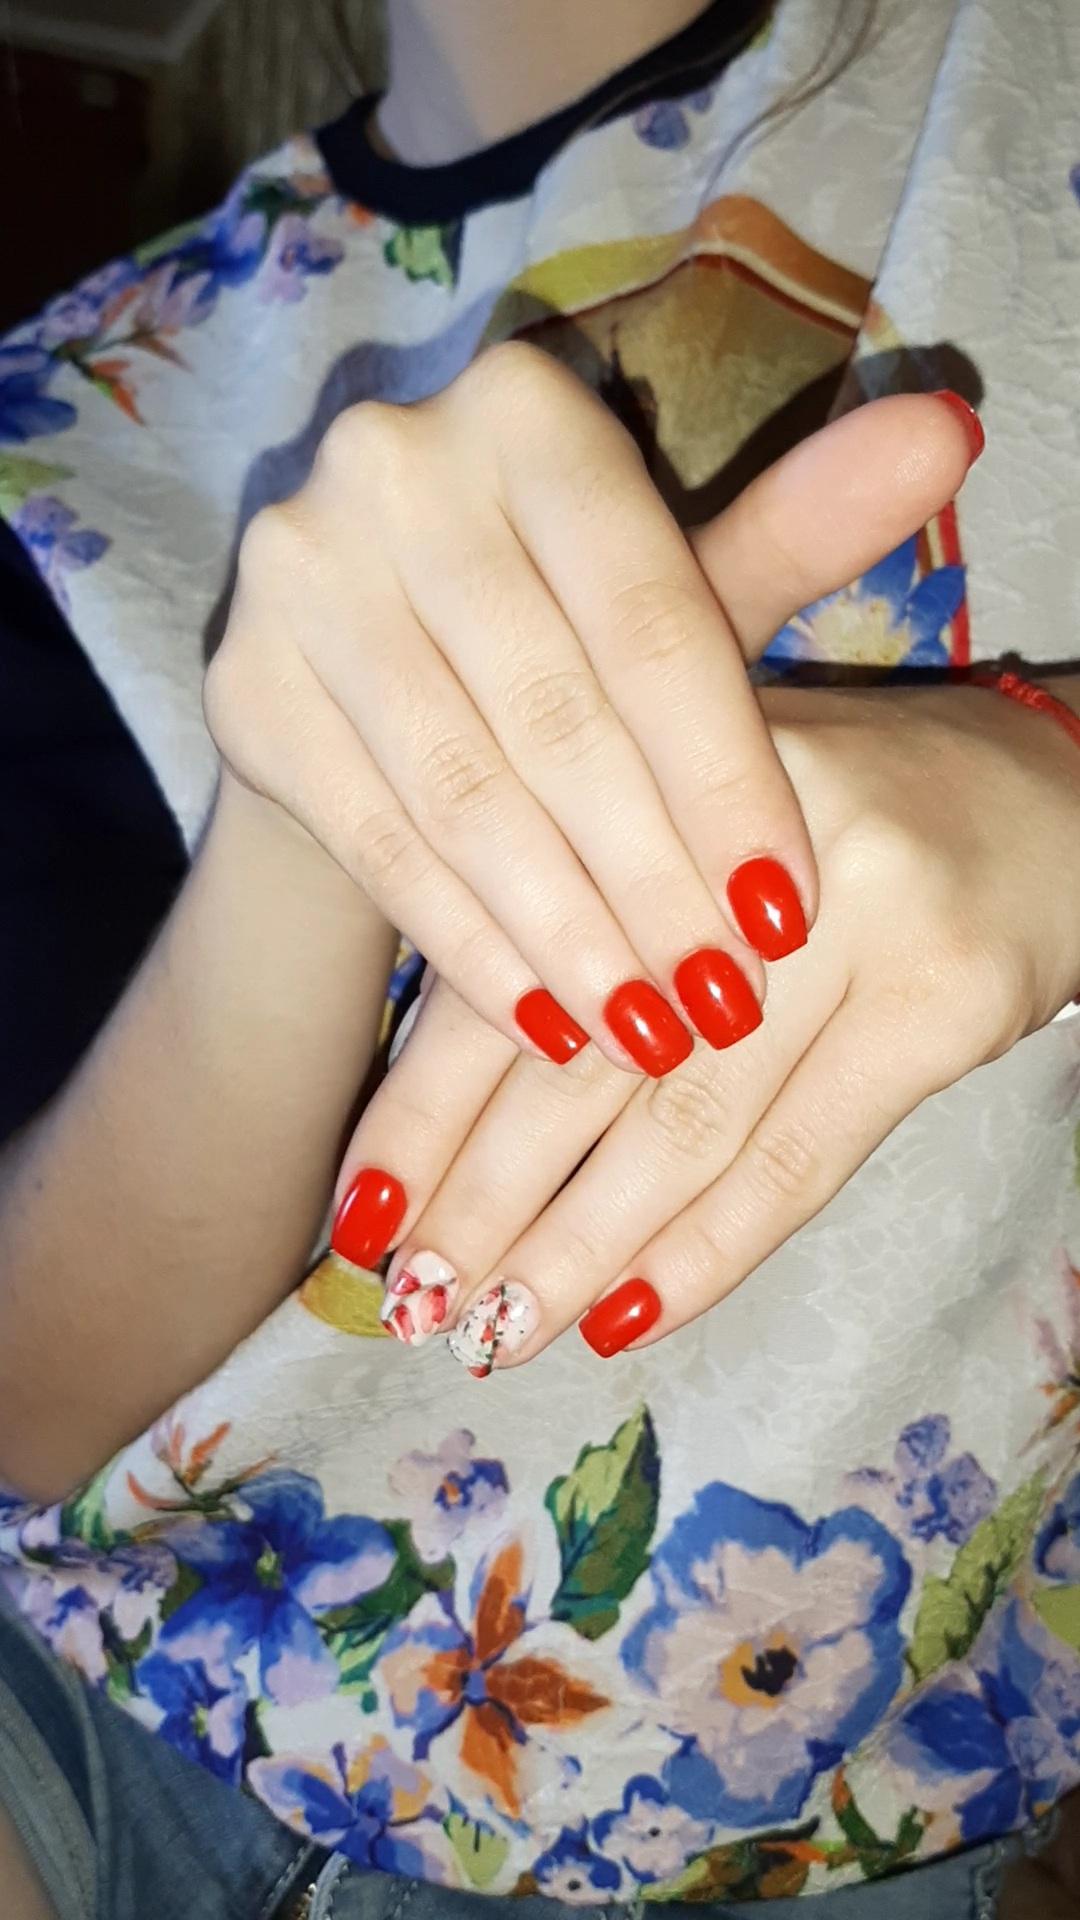 Маникюр с акварельным цветочным рисунком в красном цвете на короткие ногти.